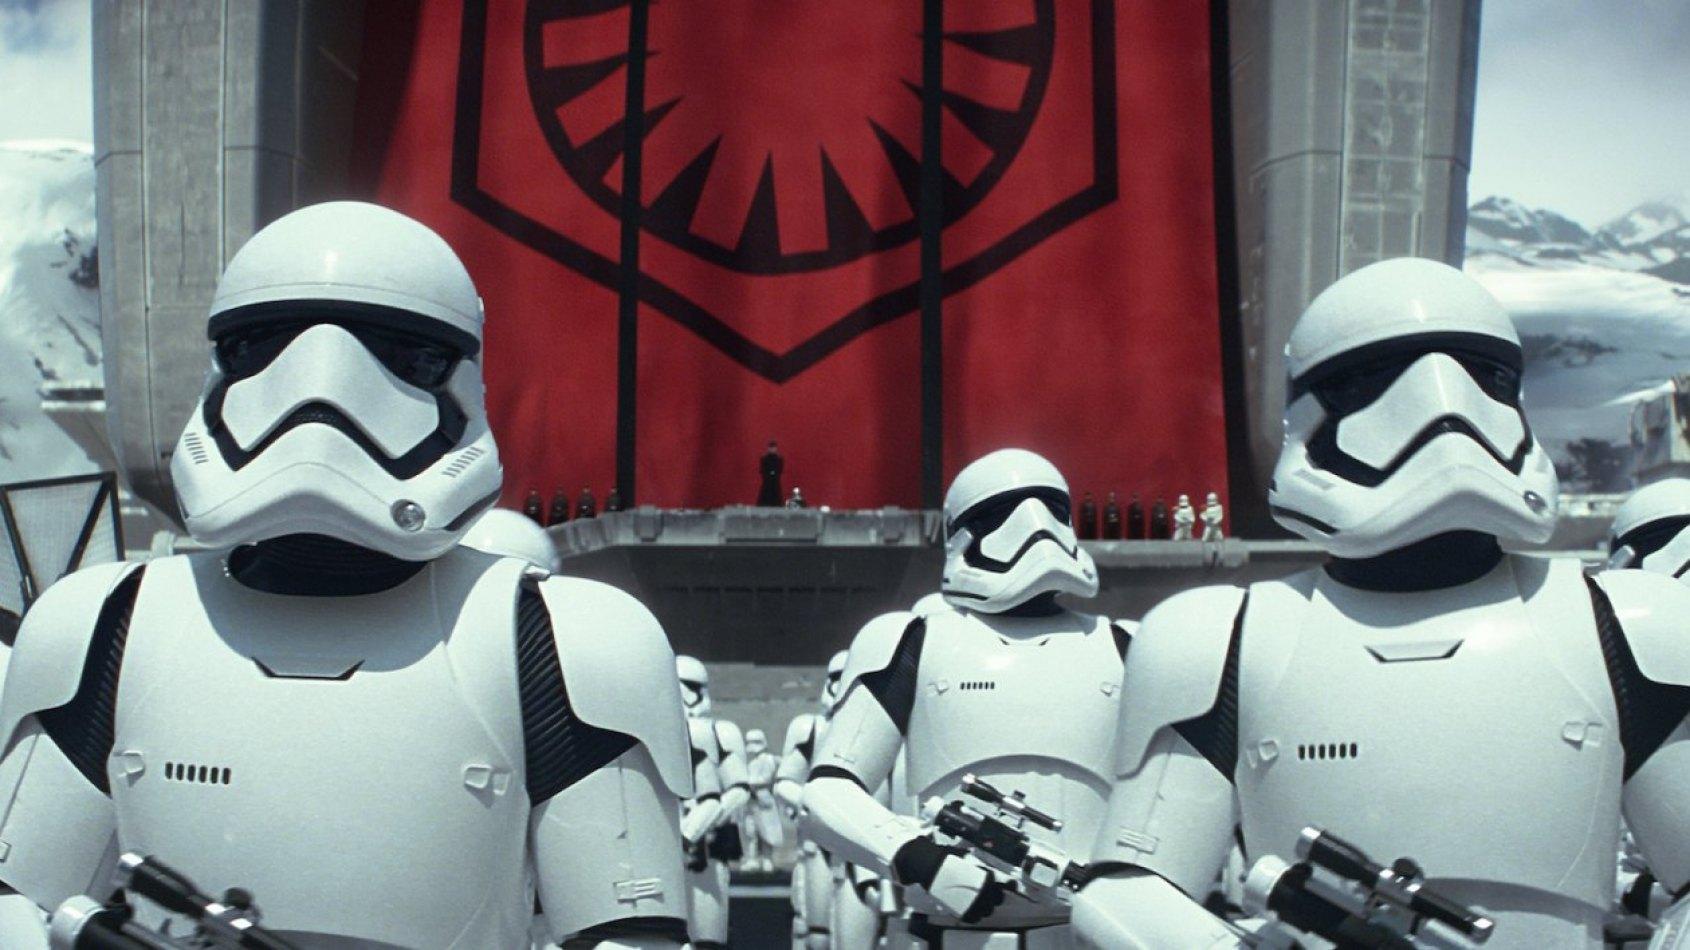 Description des nouveaux Stormtroopers de l'Episode VIII